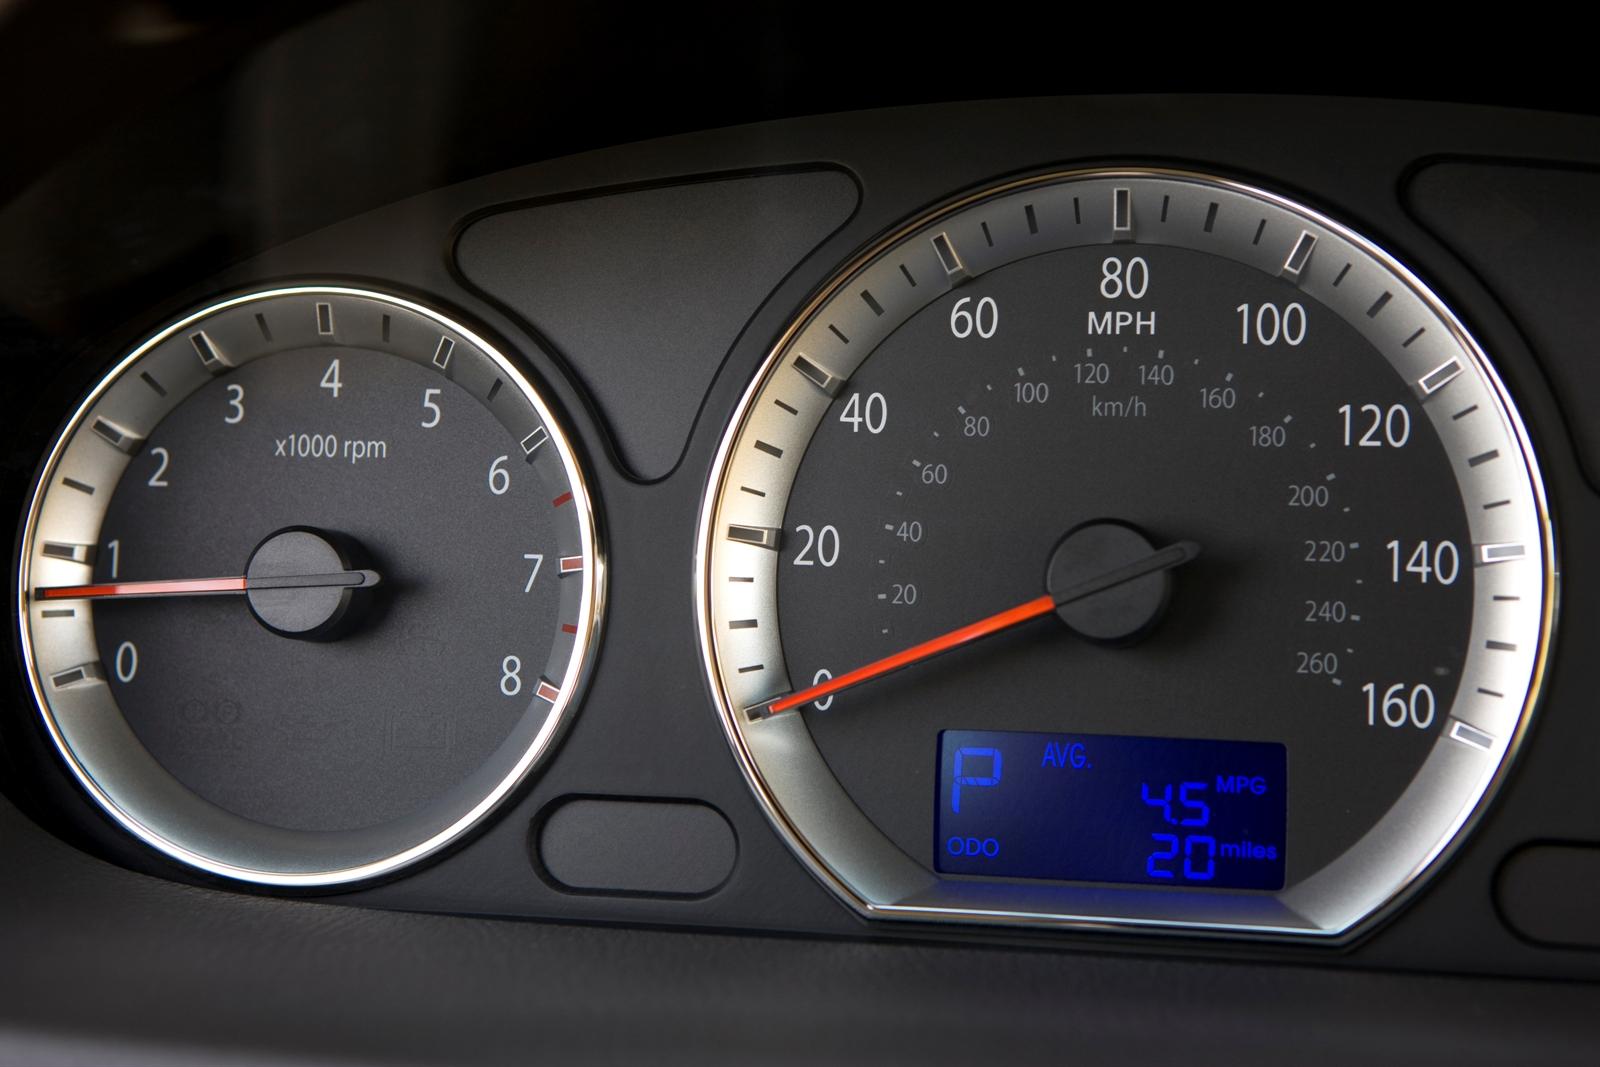 2008 Hyundai Sonata Nf Facelift 11 The Korean Car Blog